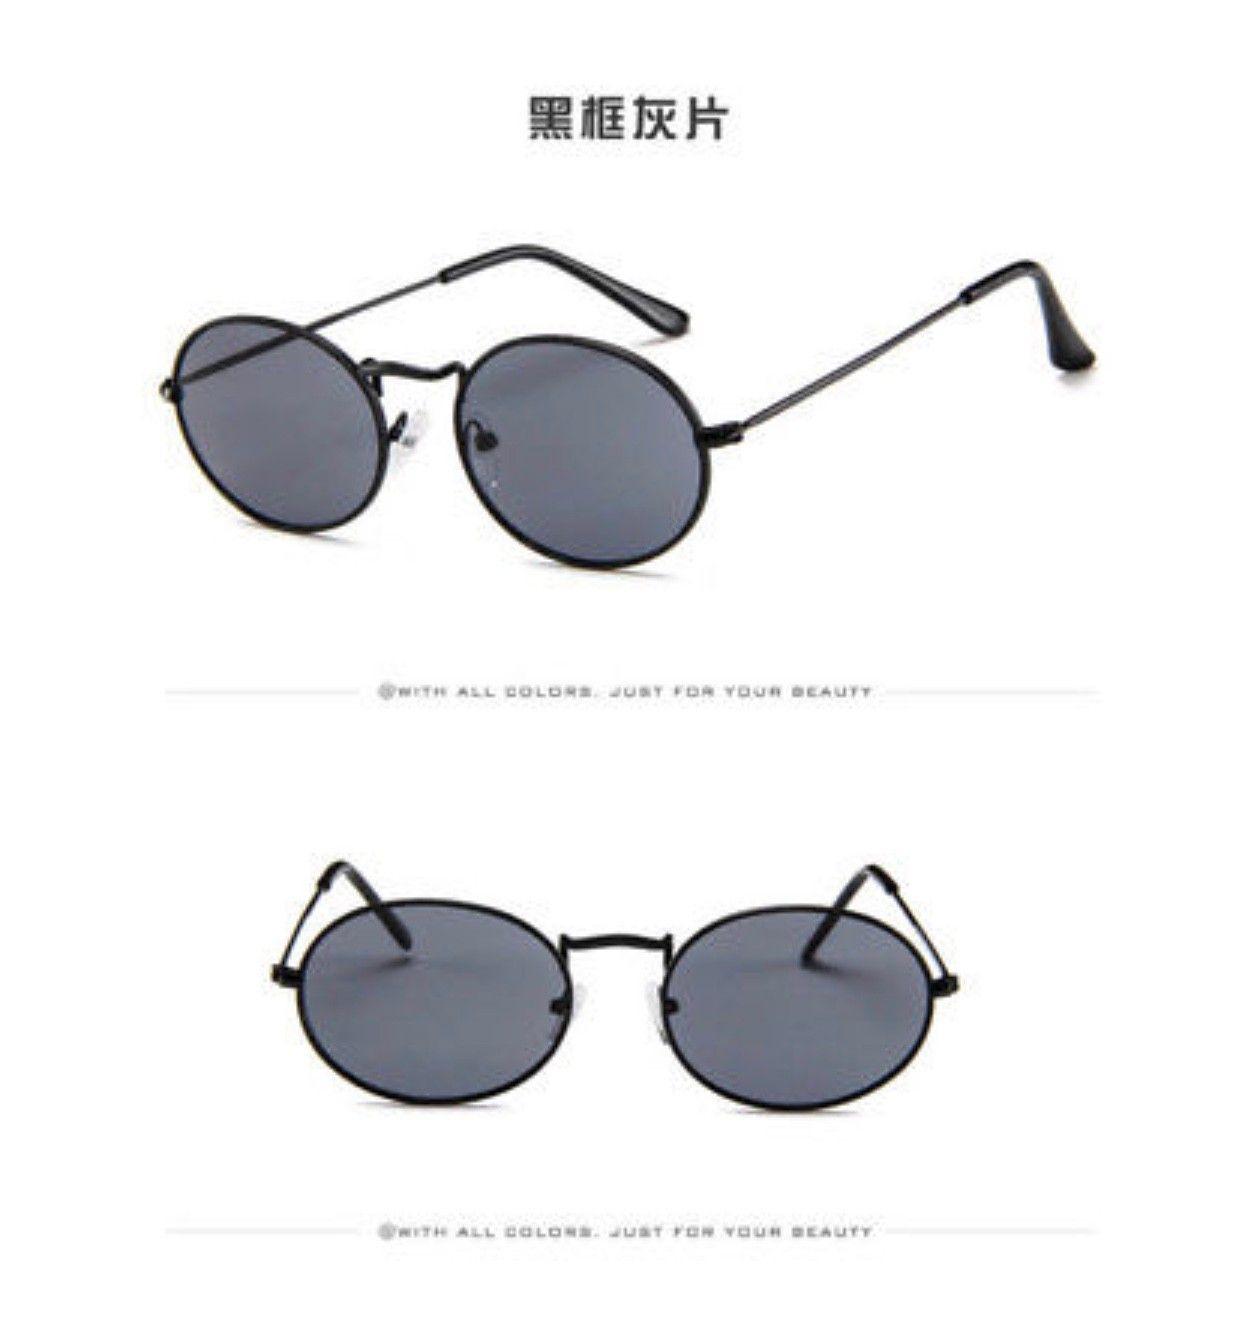 3ebd3feaf Nye ovale svarte solbriller | FINN.no